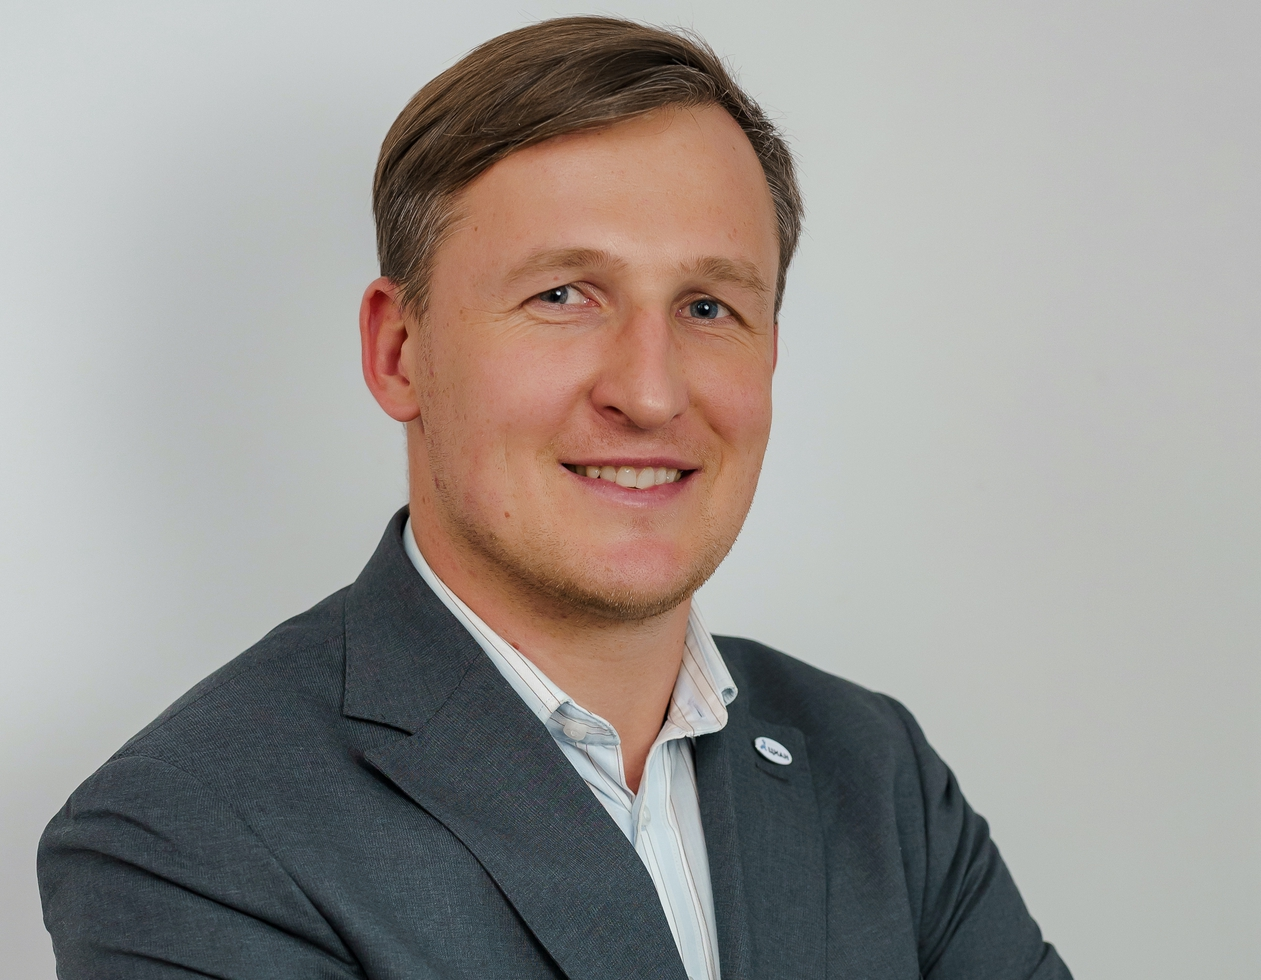 Коммерческий директор Циан Михаил Посредников вошел в  «Топ-1000 российских менеджеров»